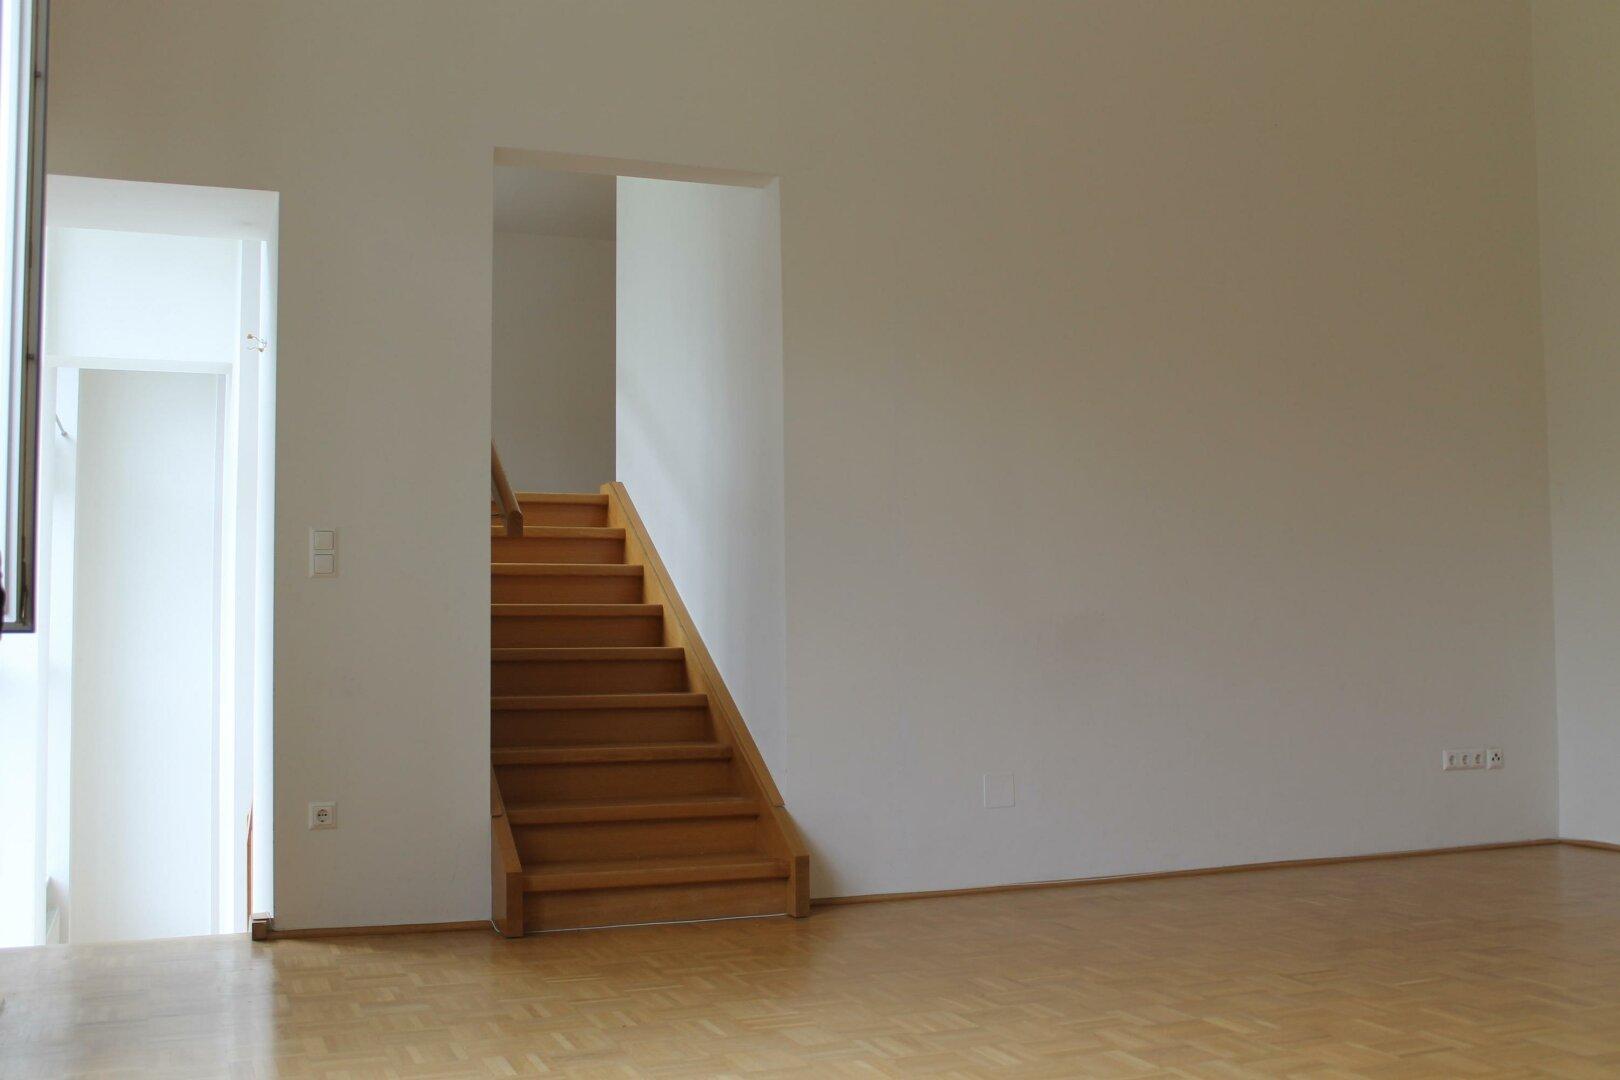 Zimmer mit Stiegenaufgang